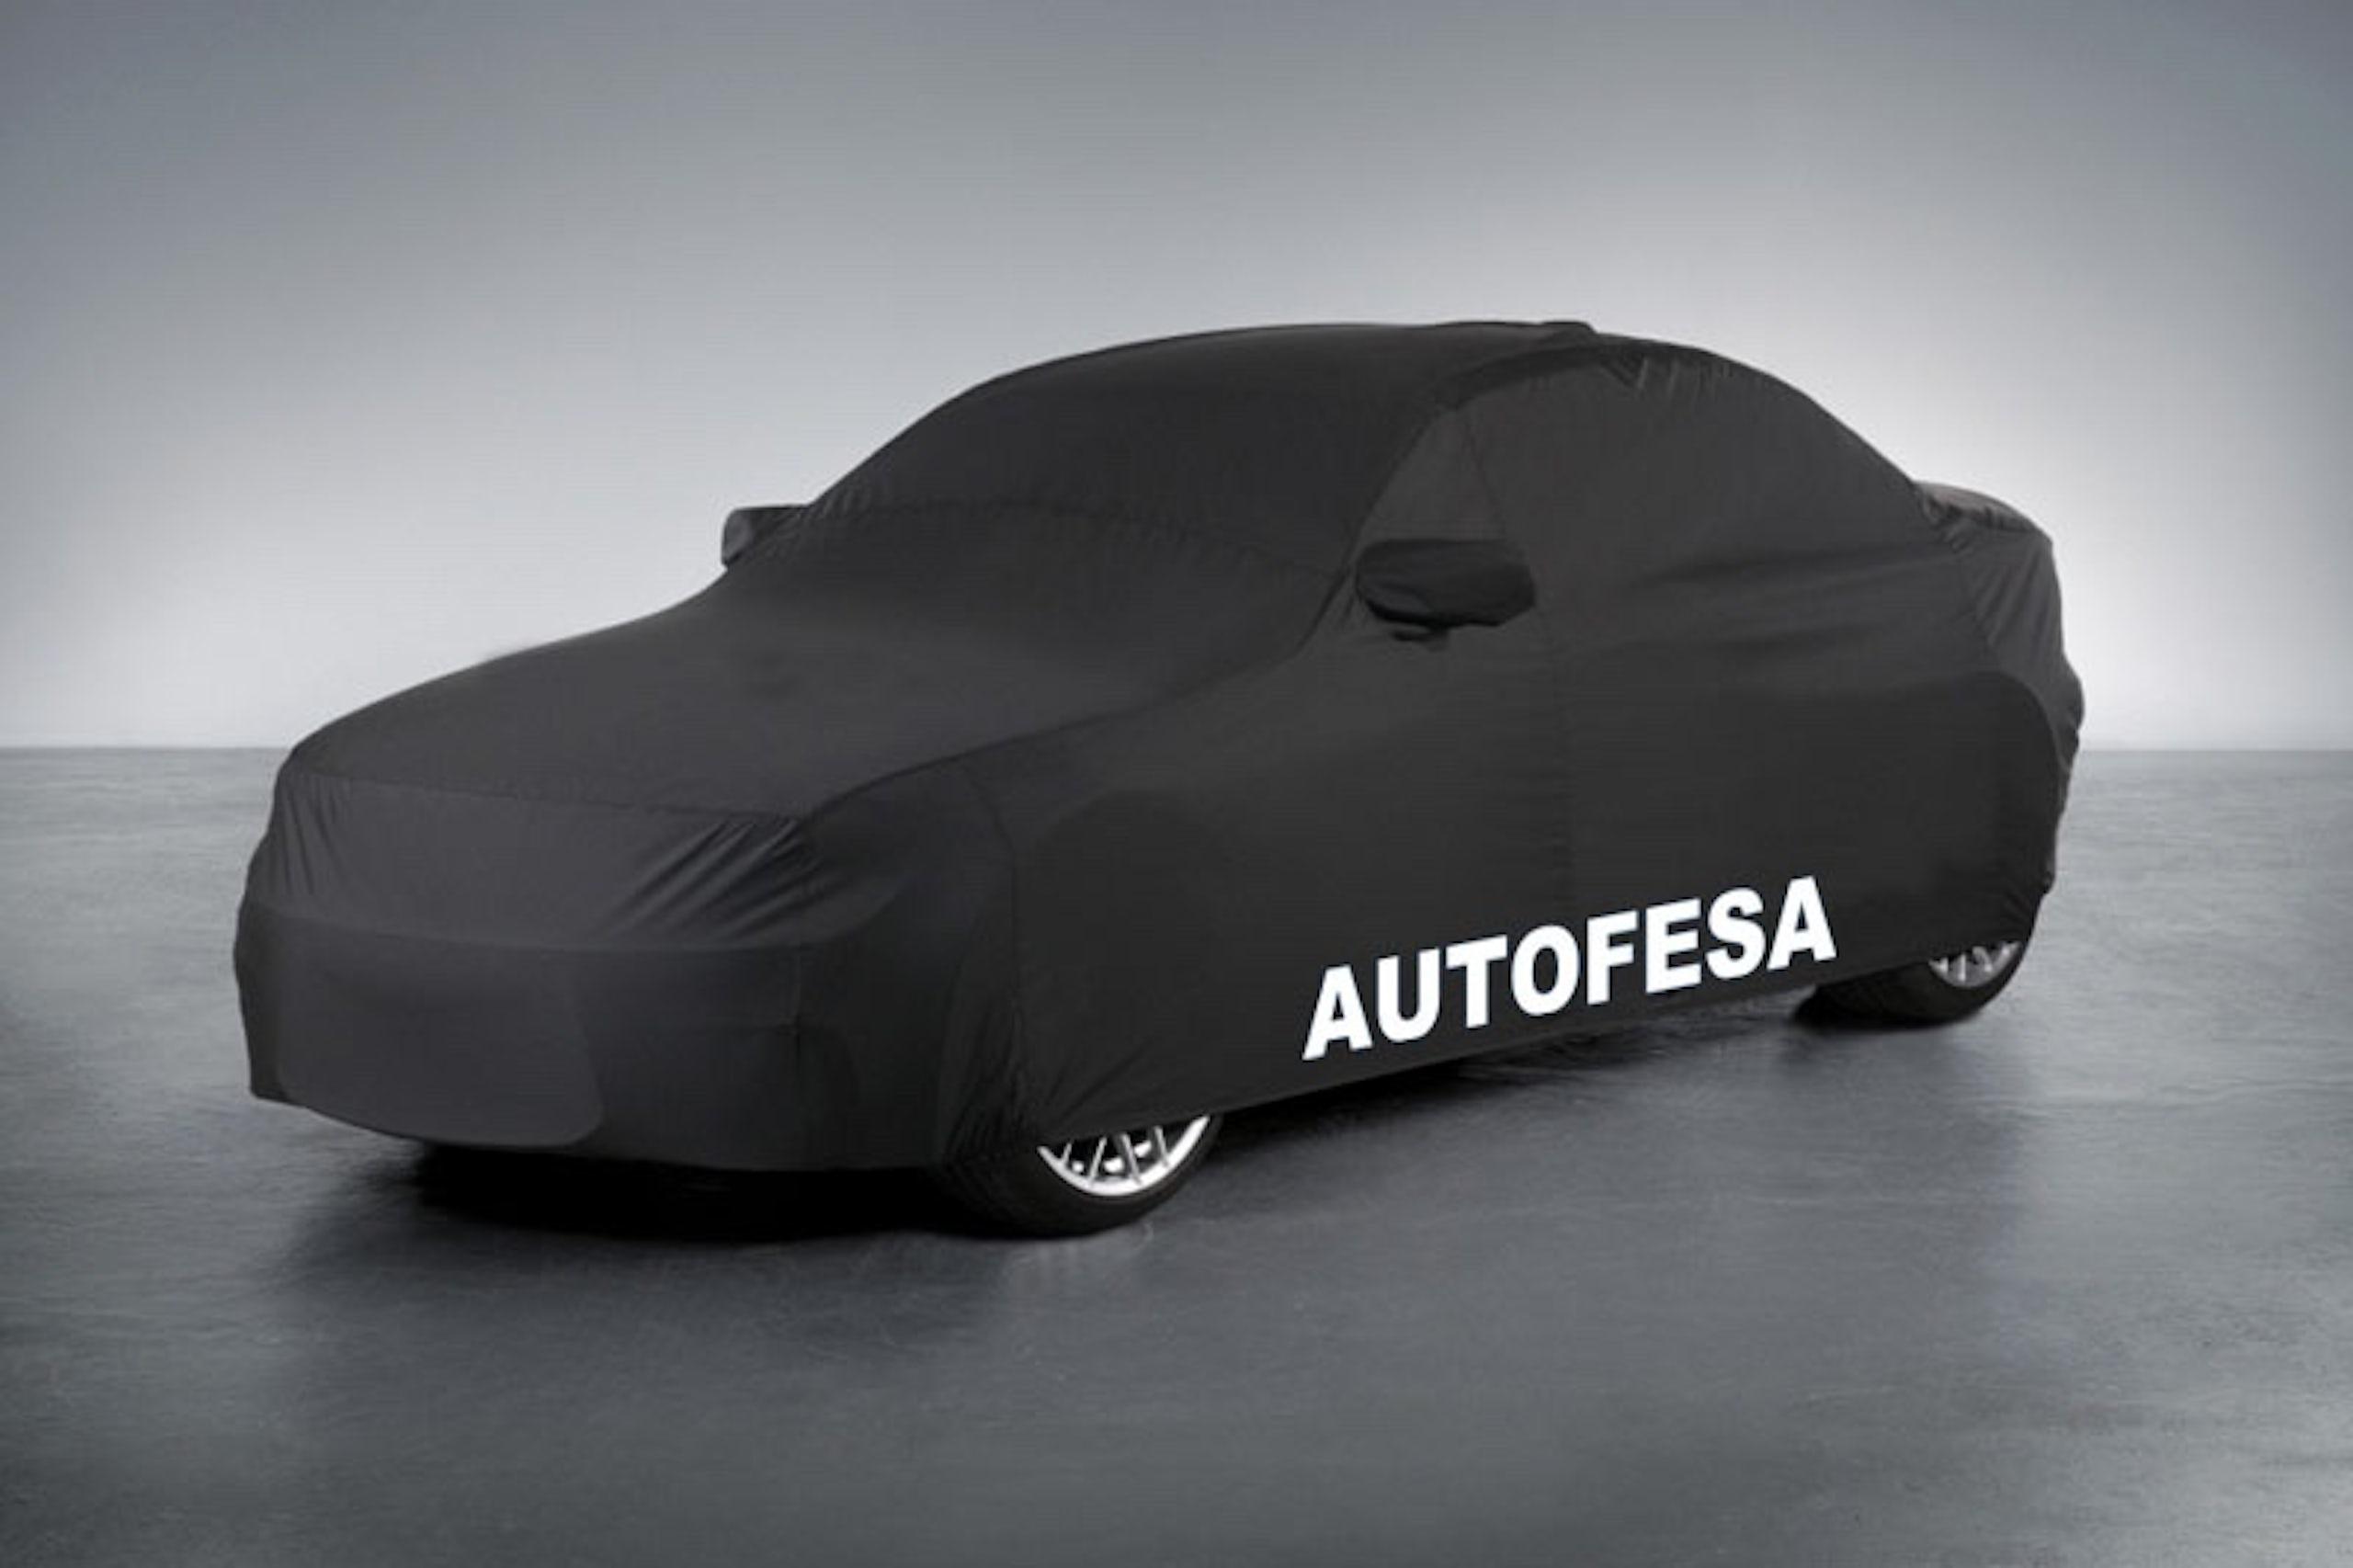 Audi Tts S Coupé 2.0 TFSI 245cv quattro S Line 3p S tronic Auto S/S - Foto 18